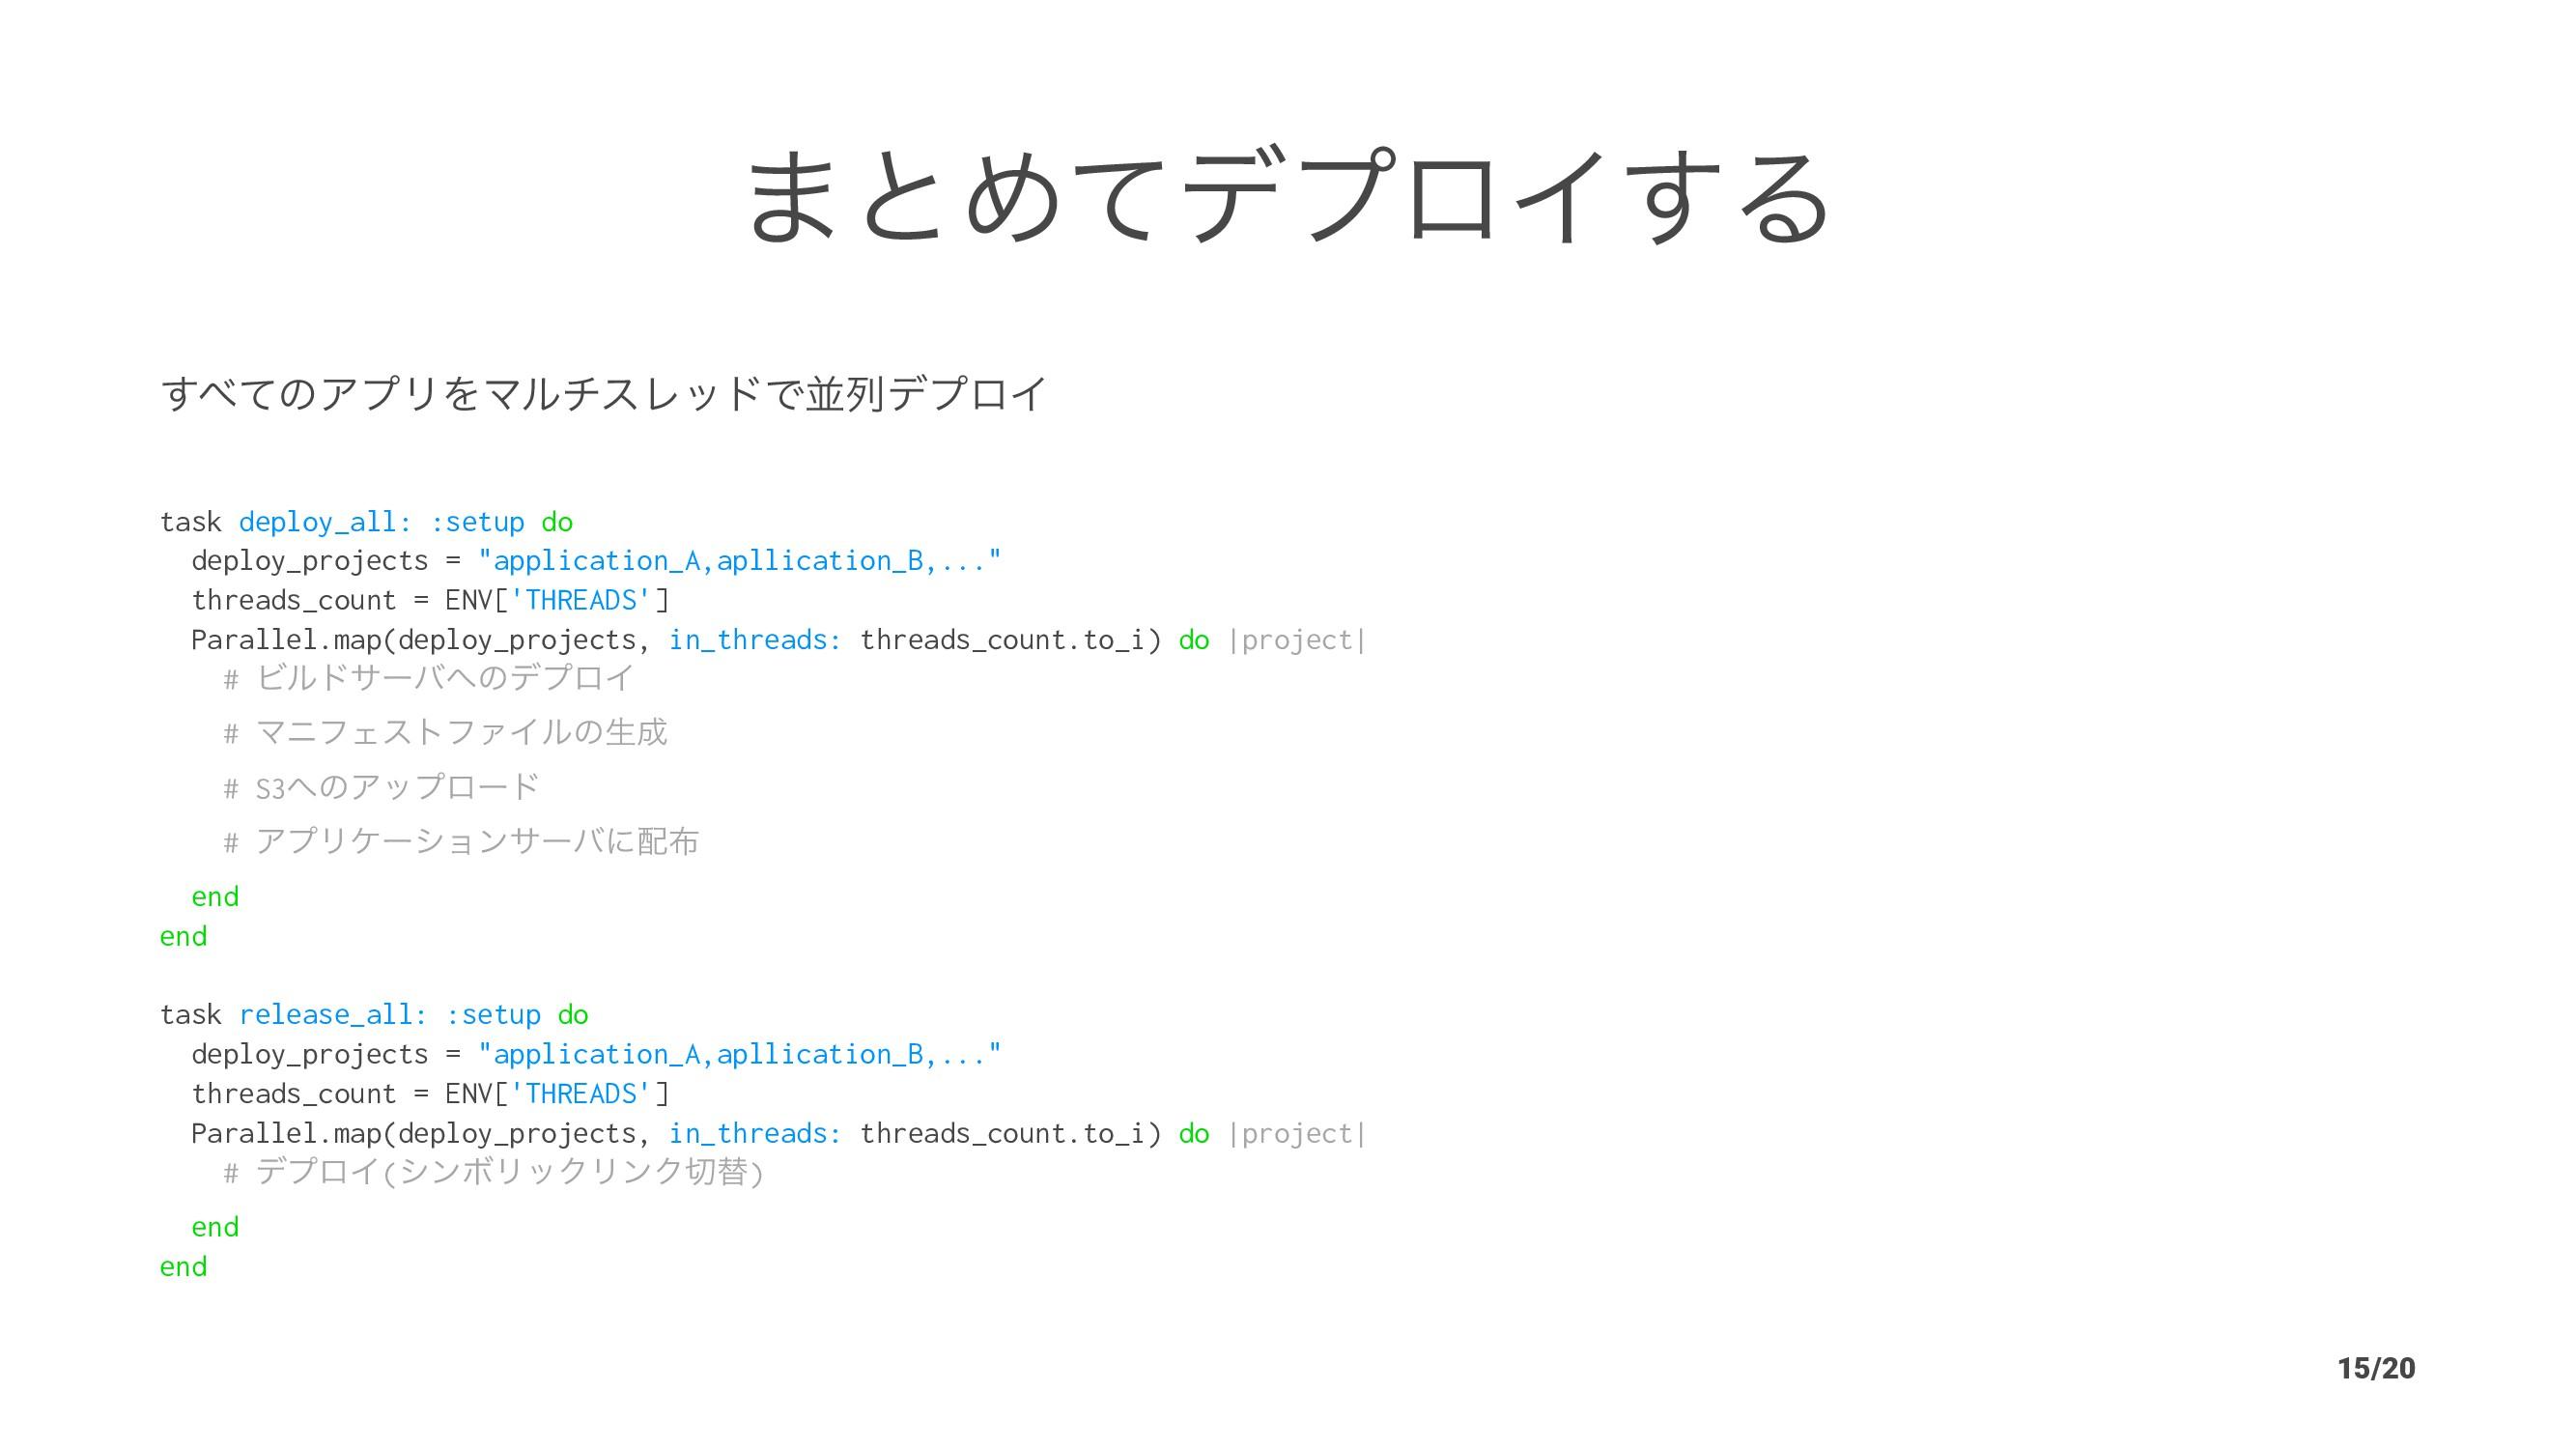 ·ͱΊͯσϓϩΠ͢Δ ͯ͢ͷΞϓϦΛϚϧνεϨουͰฒྻσϓϩΠ task deploy_a...